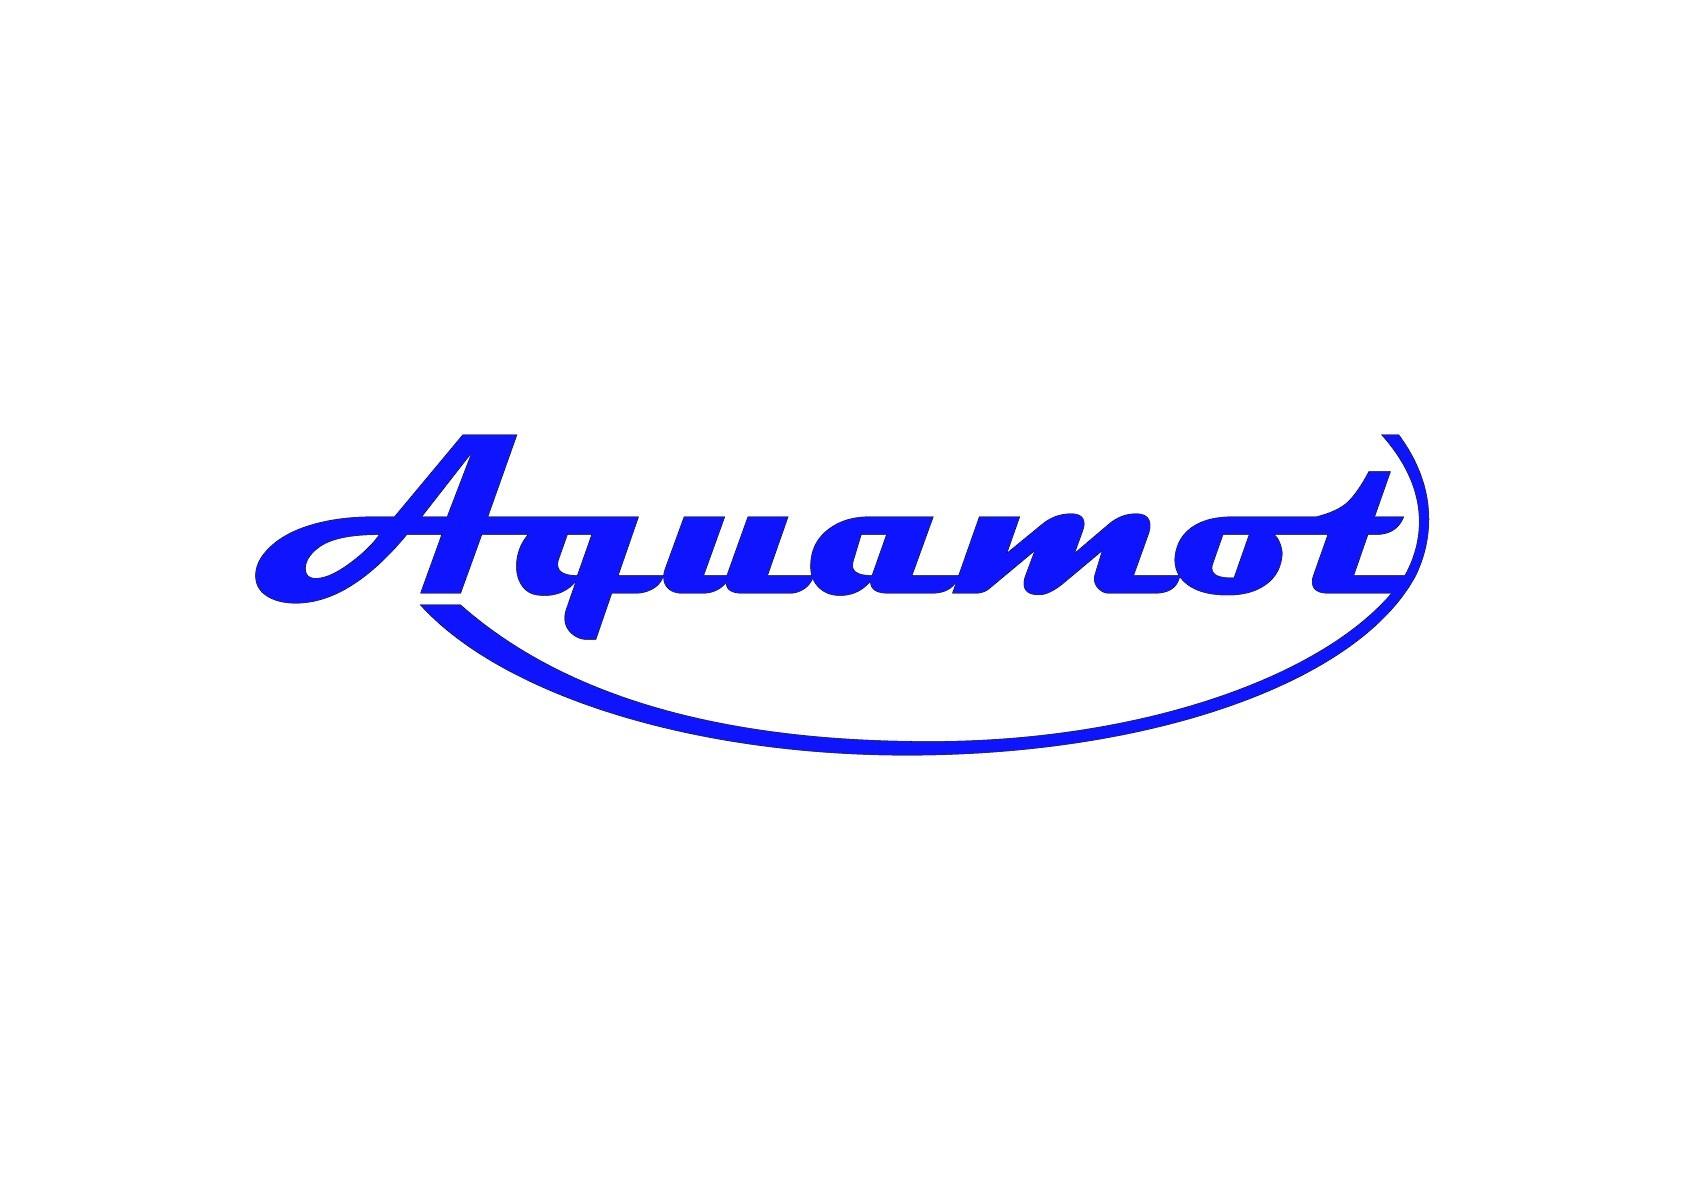 Aquamot logo